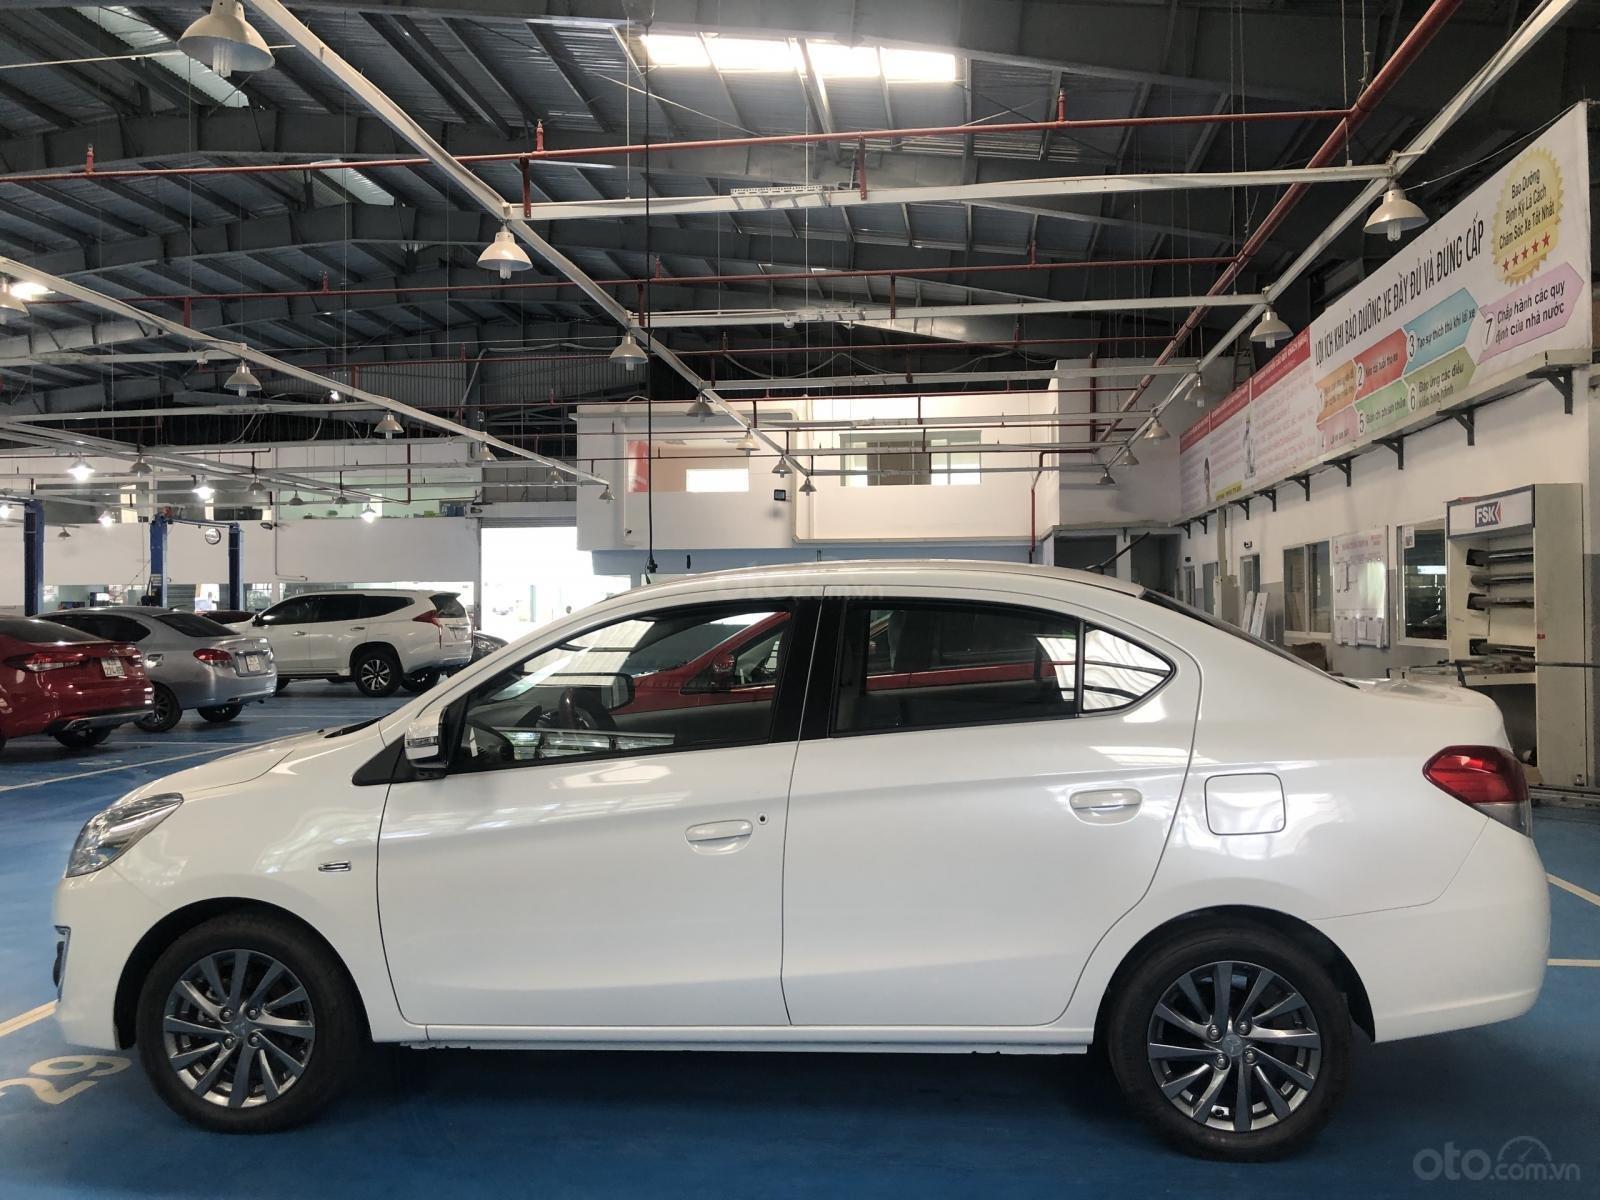 [SỐC] Sở hữu Mitsubishi Attrage nhập Thái chỉ với 130 triệu, lợi xăng 5L/100km, kinh doanh hiệu quả, trả góp 80% (3)